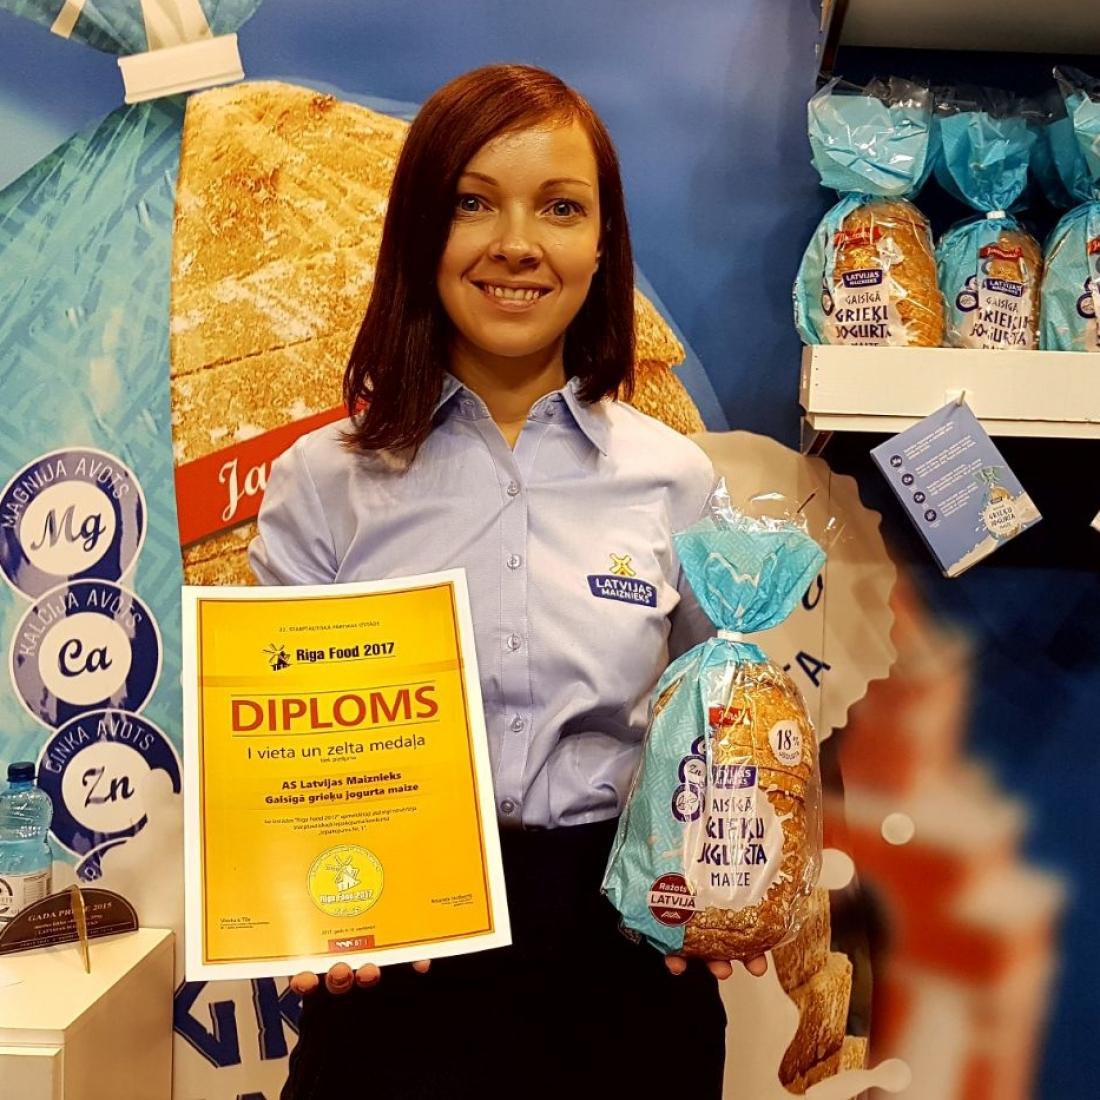 Izstādē RIGA food Grieķu jogurta maize iegūst zelta diplomu